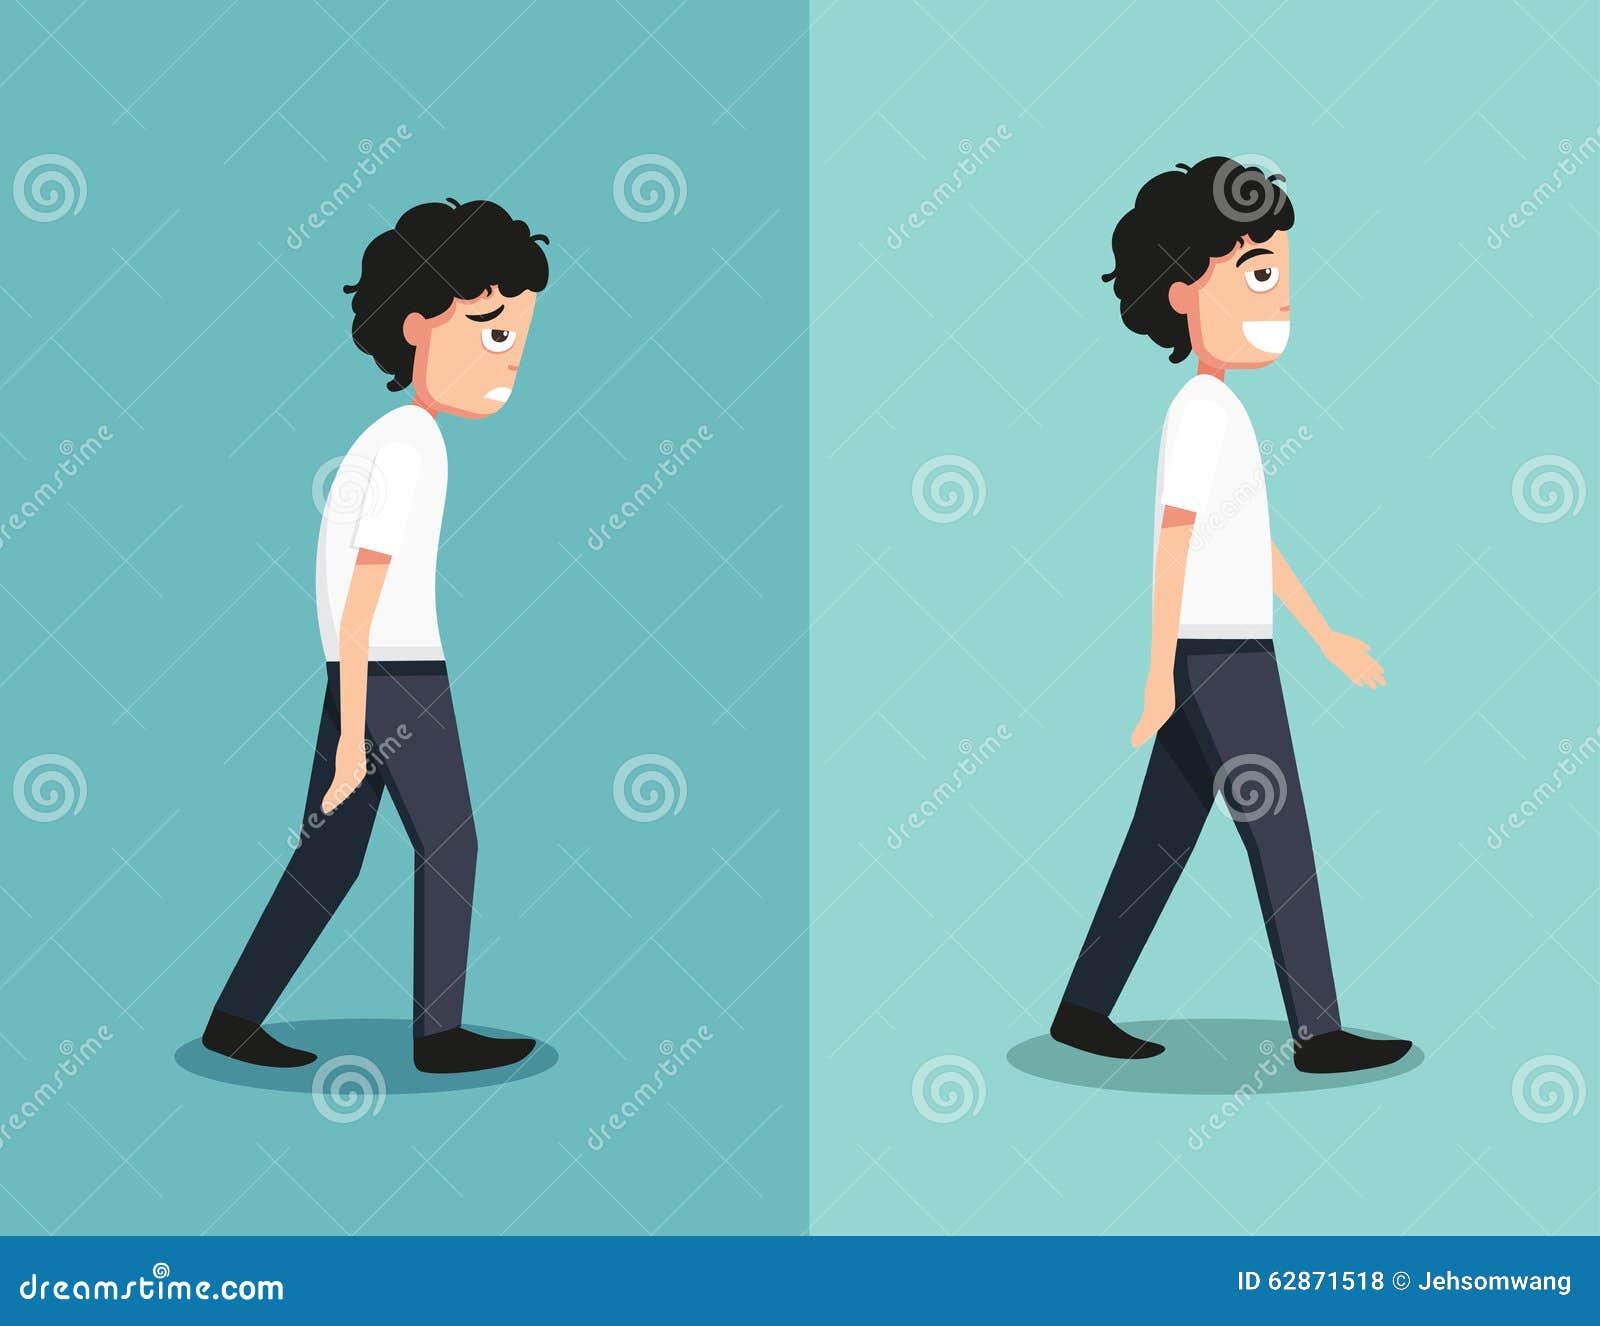 Las posiciones mejores y peores para el paseo